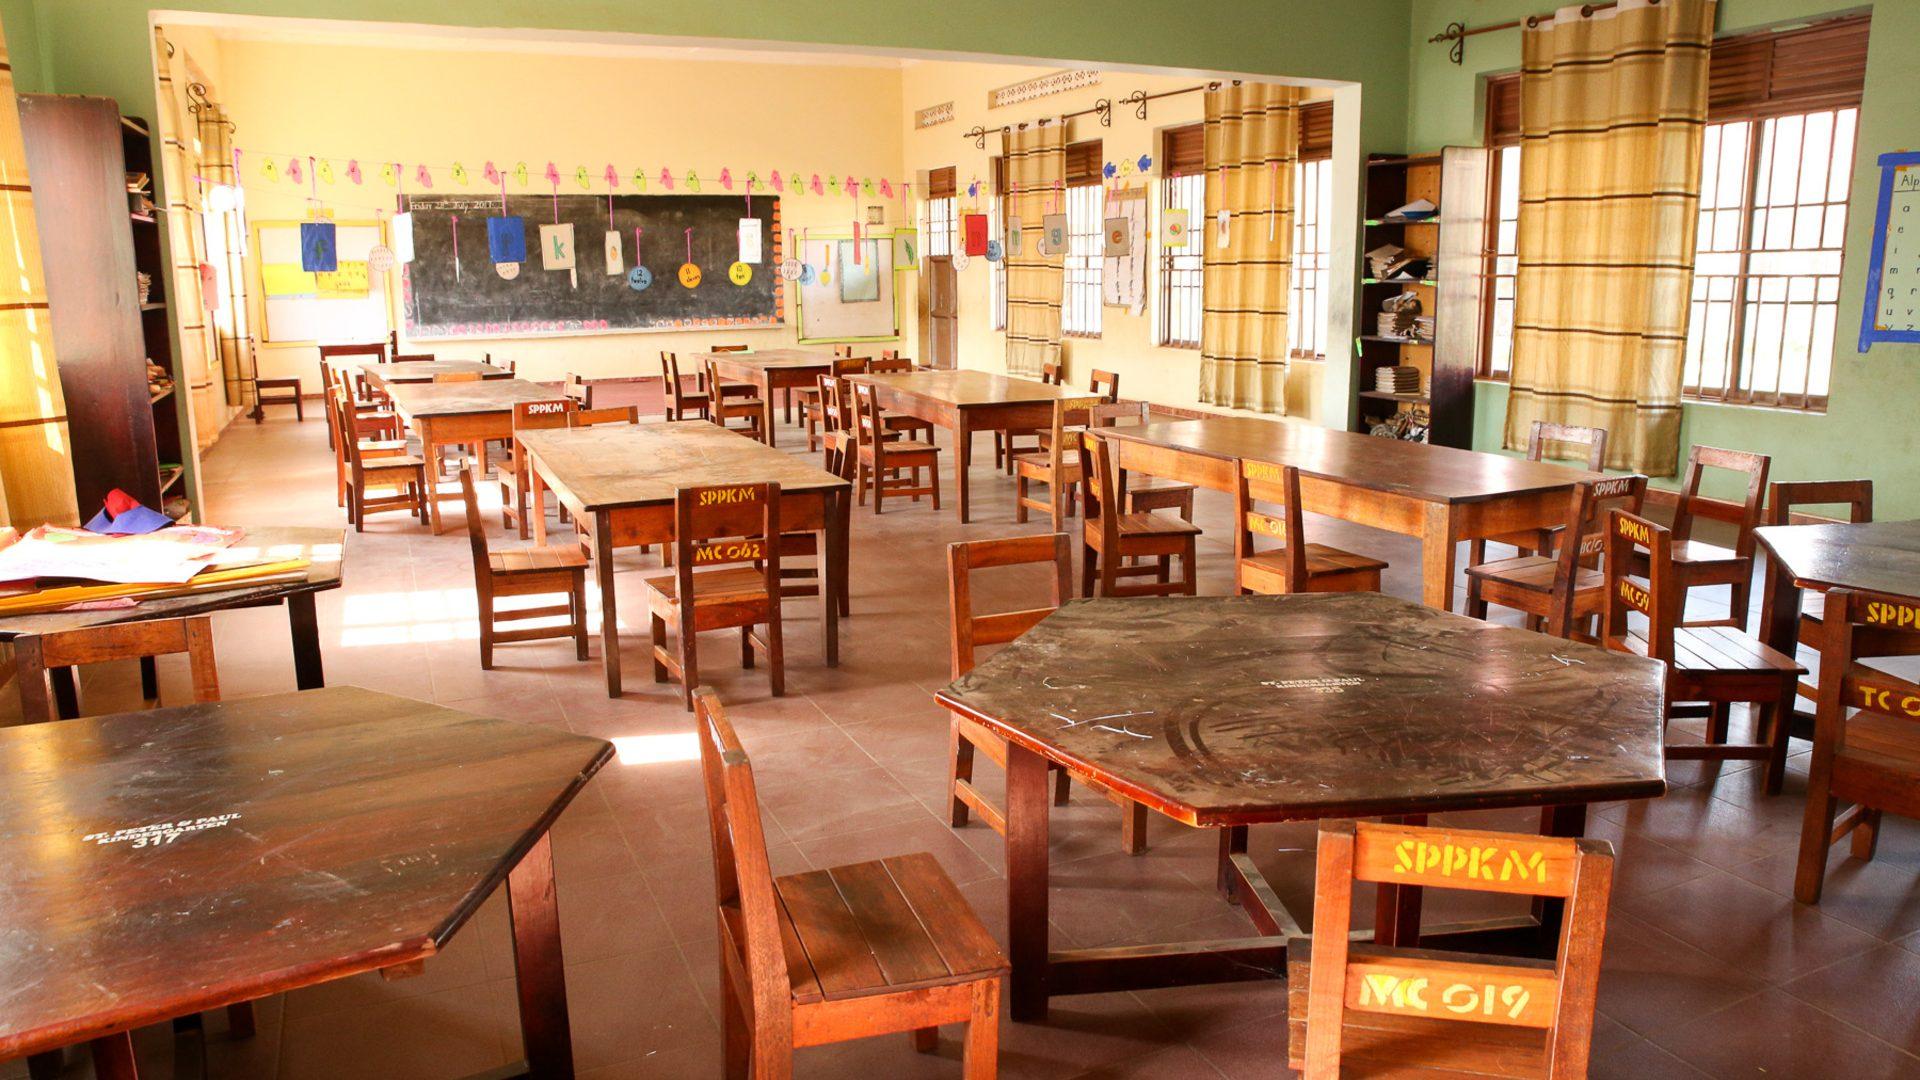 Inside Kindergarten classroom